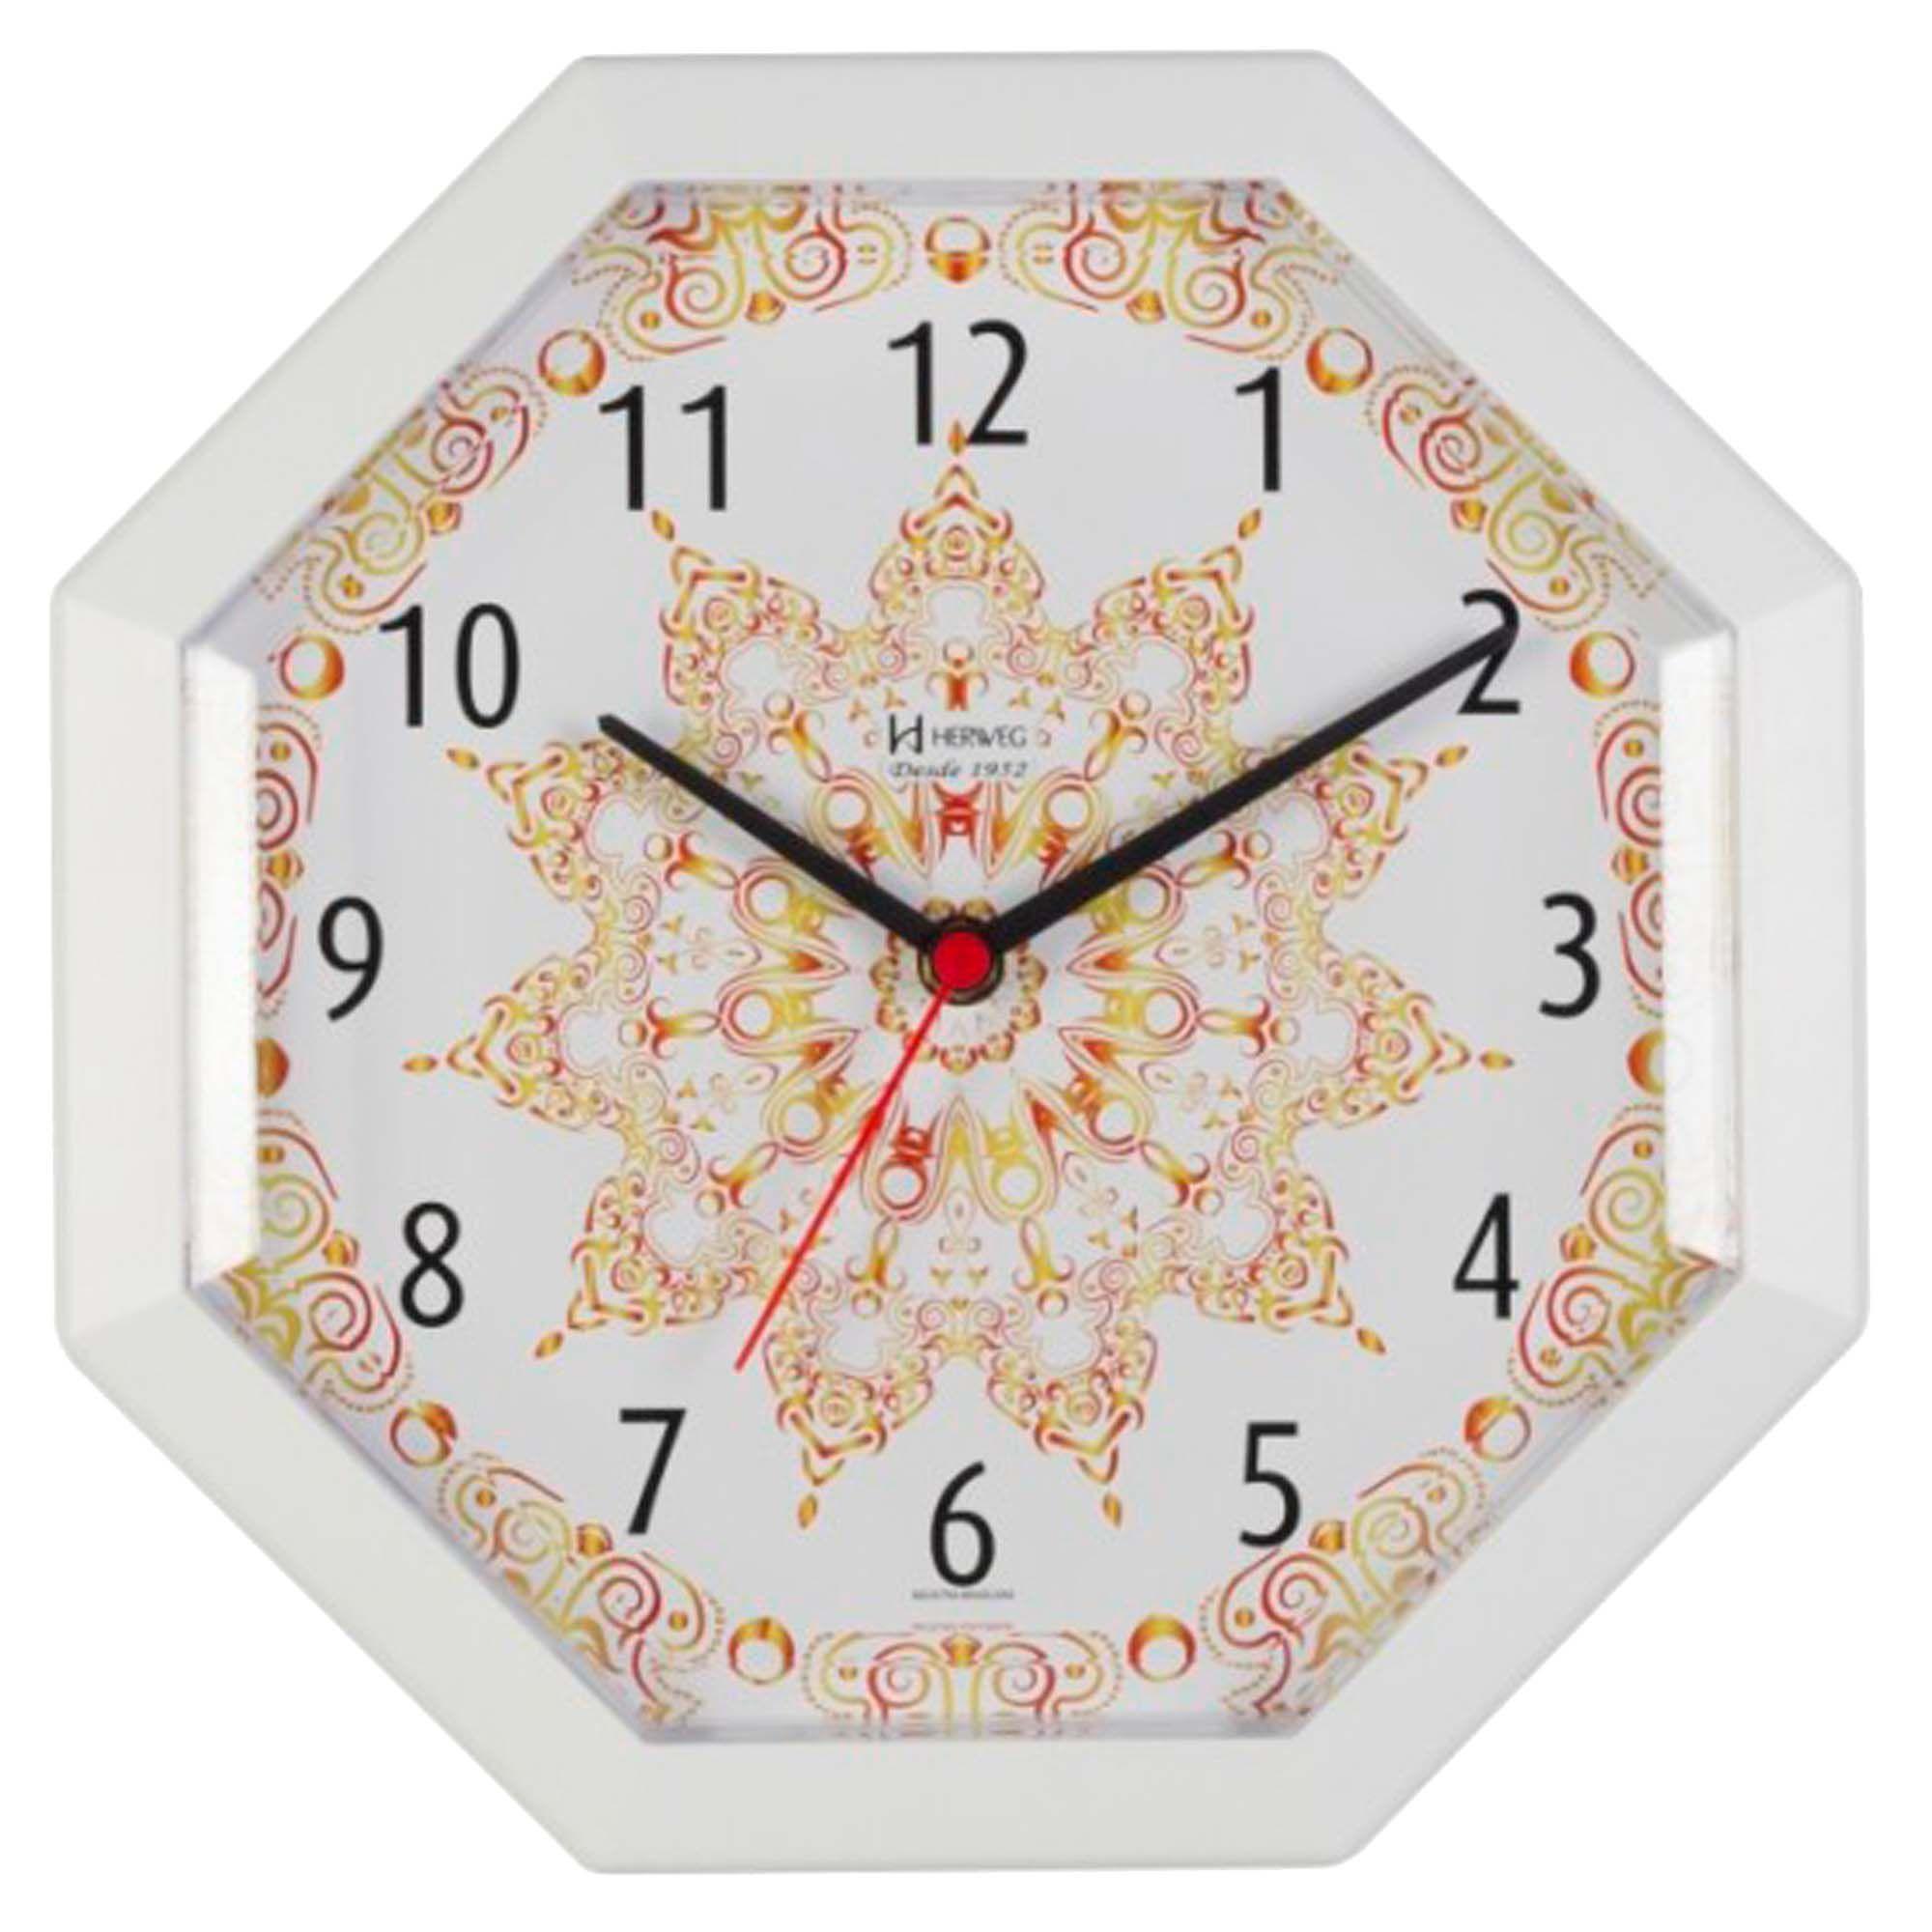 Relógio de Parede Analógico Herweg 660024 021 Branco